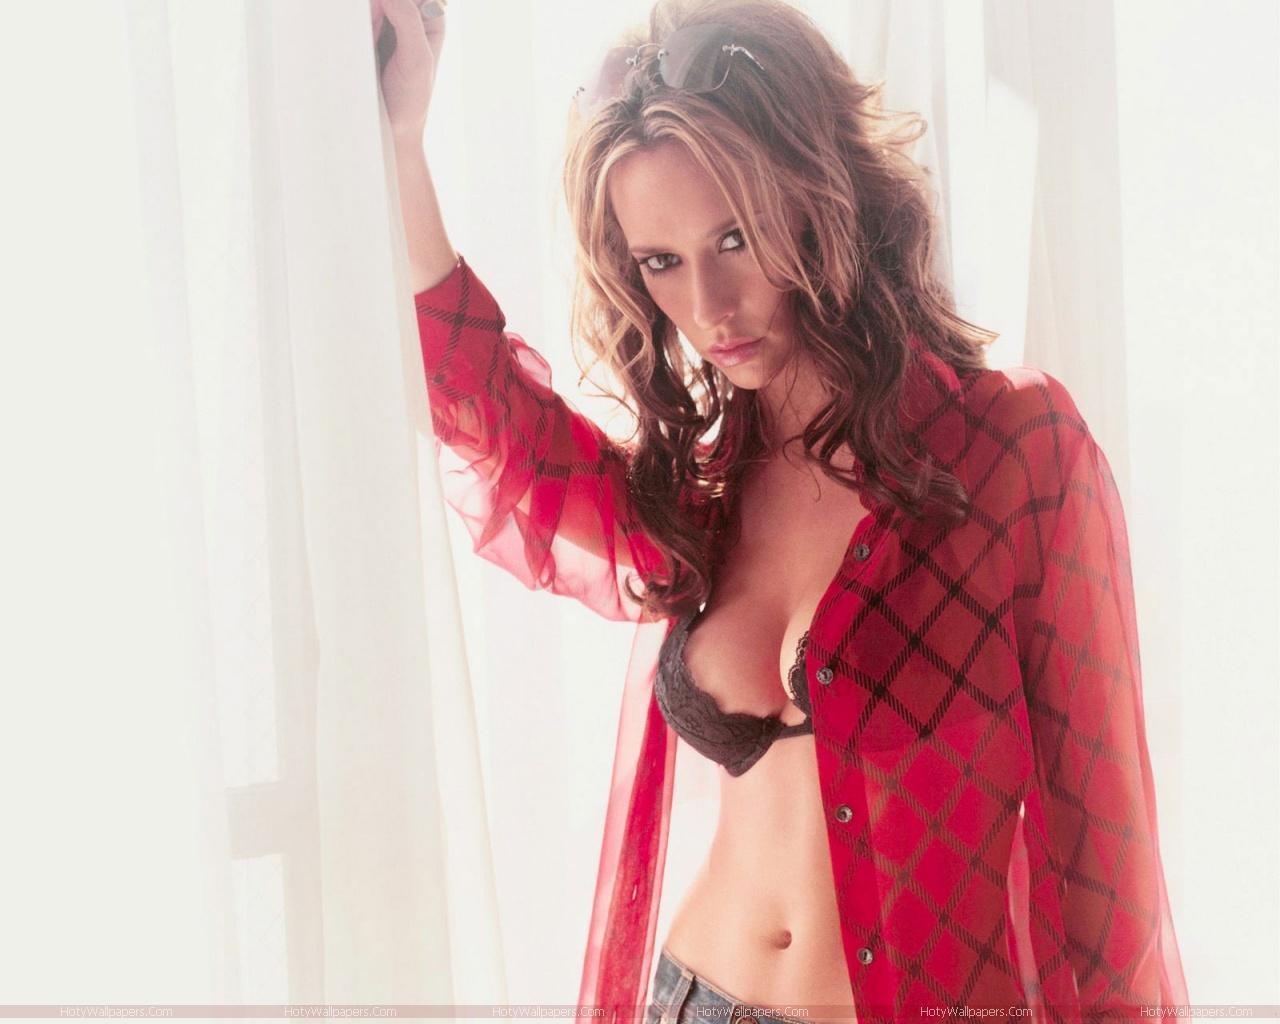 http://1.bp.blogspot.com/-REn7SjkIFVU/TmjcQJB-6RI/AAAAAAAAKt8/WmzH3u2DkY4/s1600/Jennifer_Love_Hewitt_Wallpaper.jpg